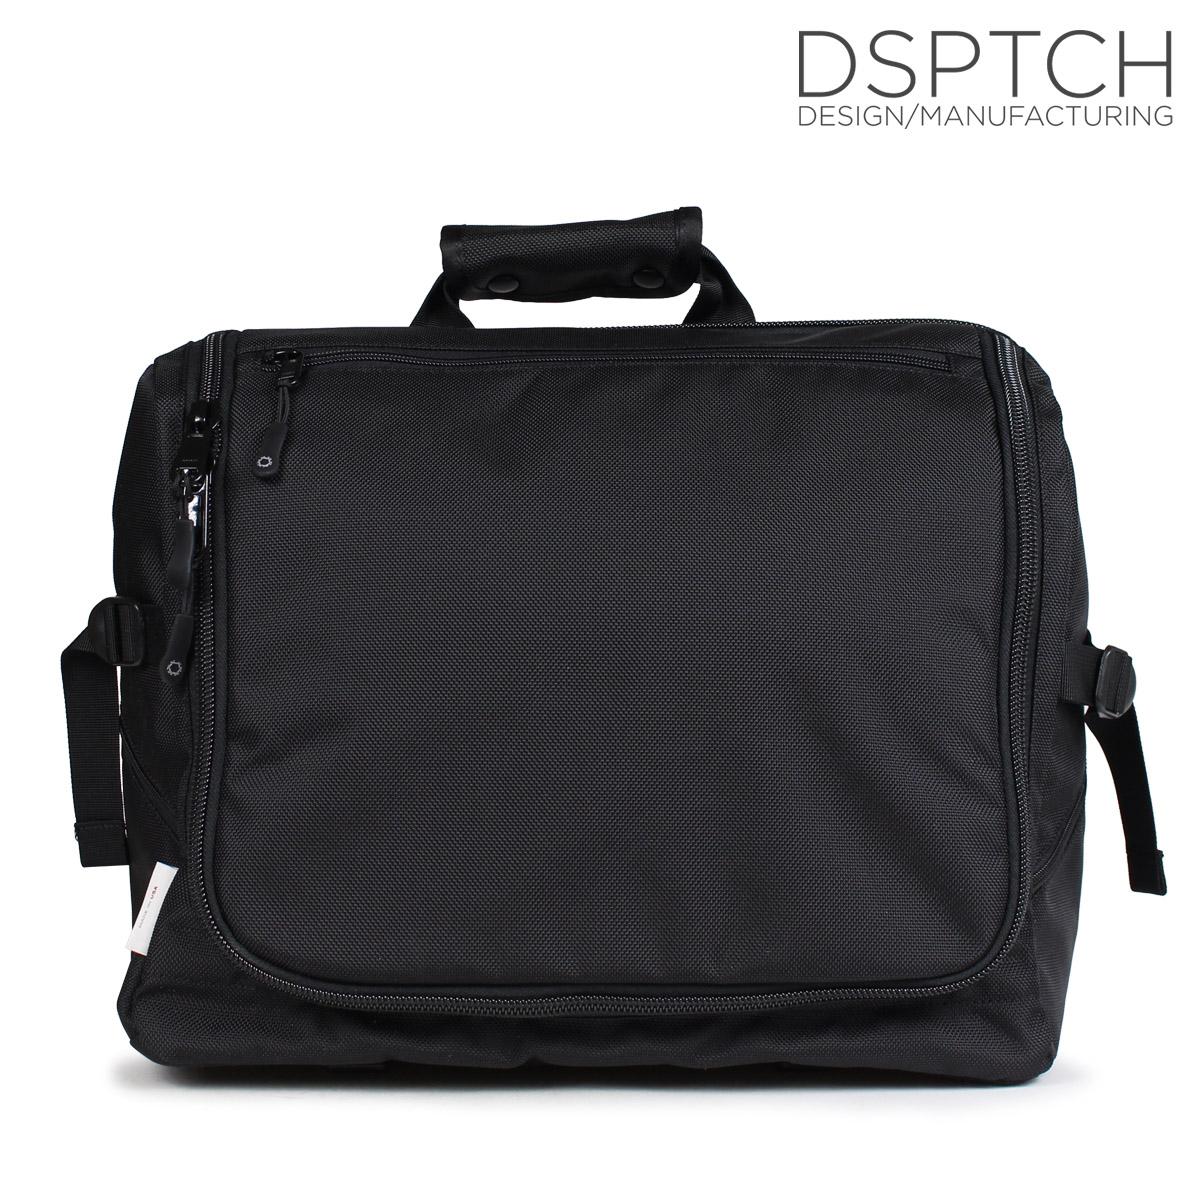 ディスパッチ DSPTCH バッグ メッセンジャーバッグ ショルダー TECH MESSENGER 20L メンズ レディース ブラック PCK-TM [10/9 新入荷]